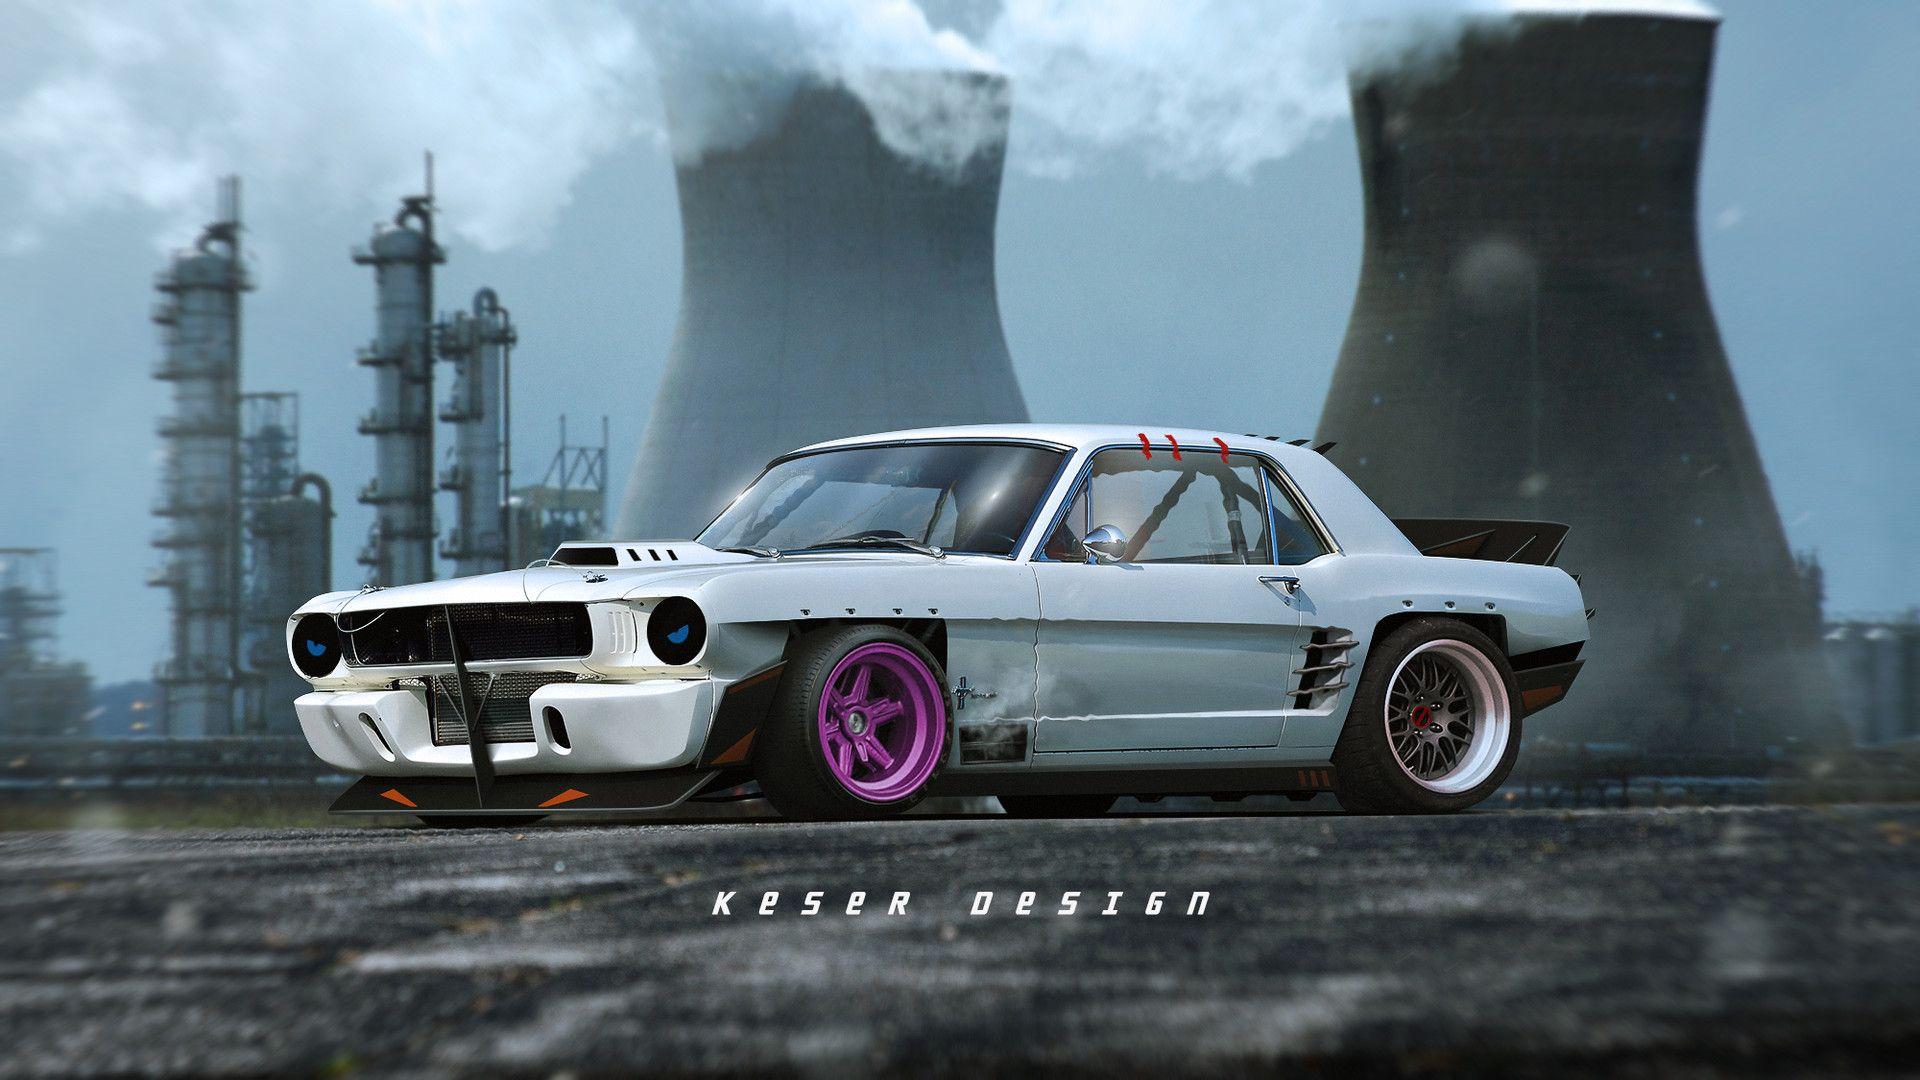 Mustang Matija Keser Mustang Concept Cars New Audi Car